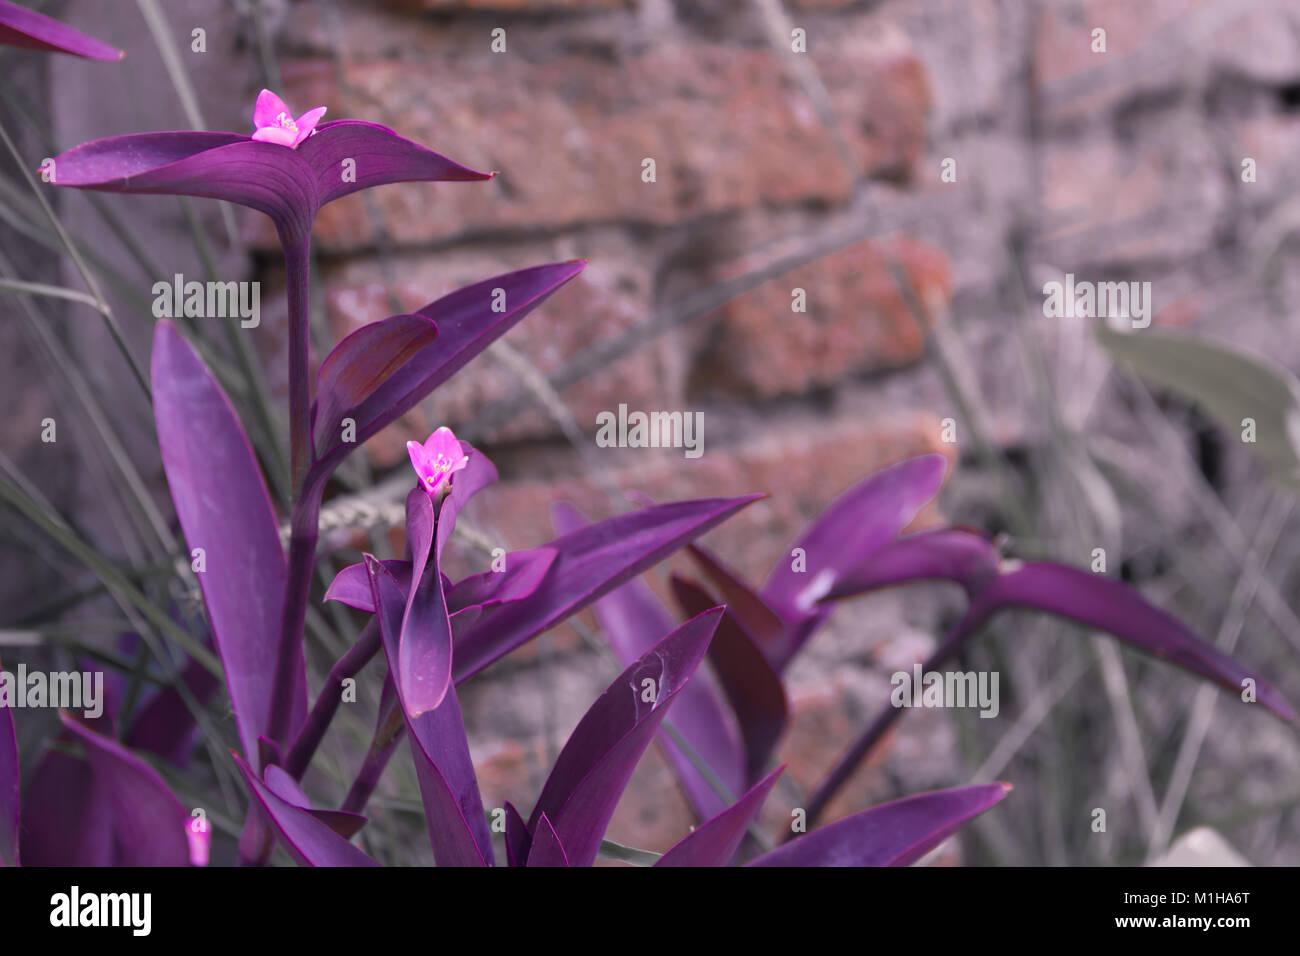 Tradescantia Plante Feuilles De Violette Et Lilas Fleurs De L Annee